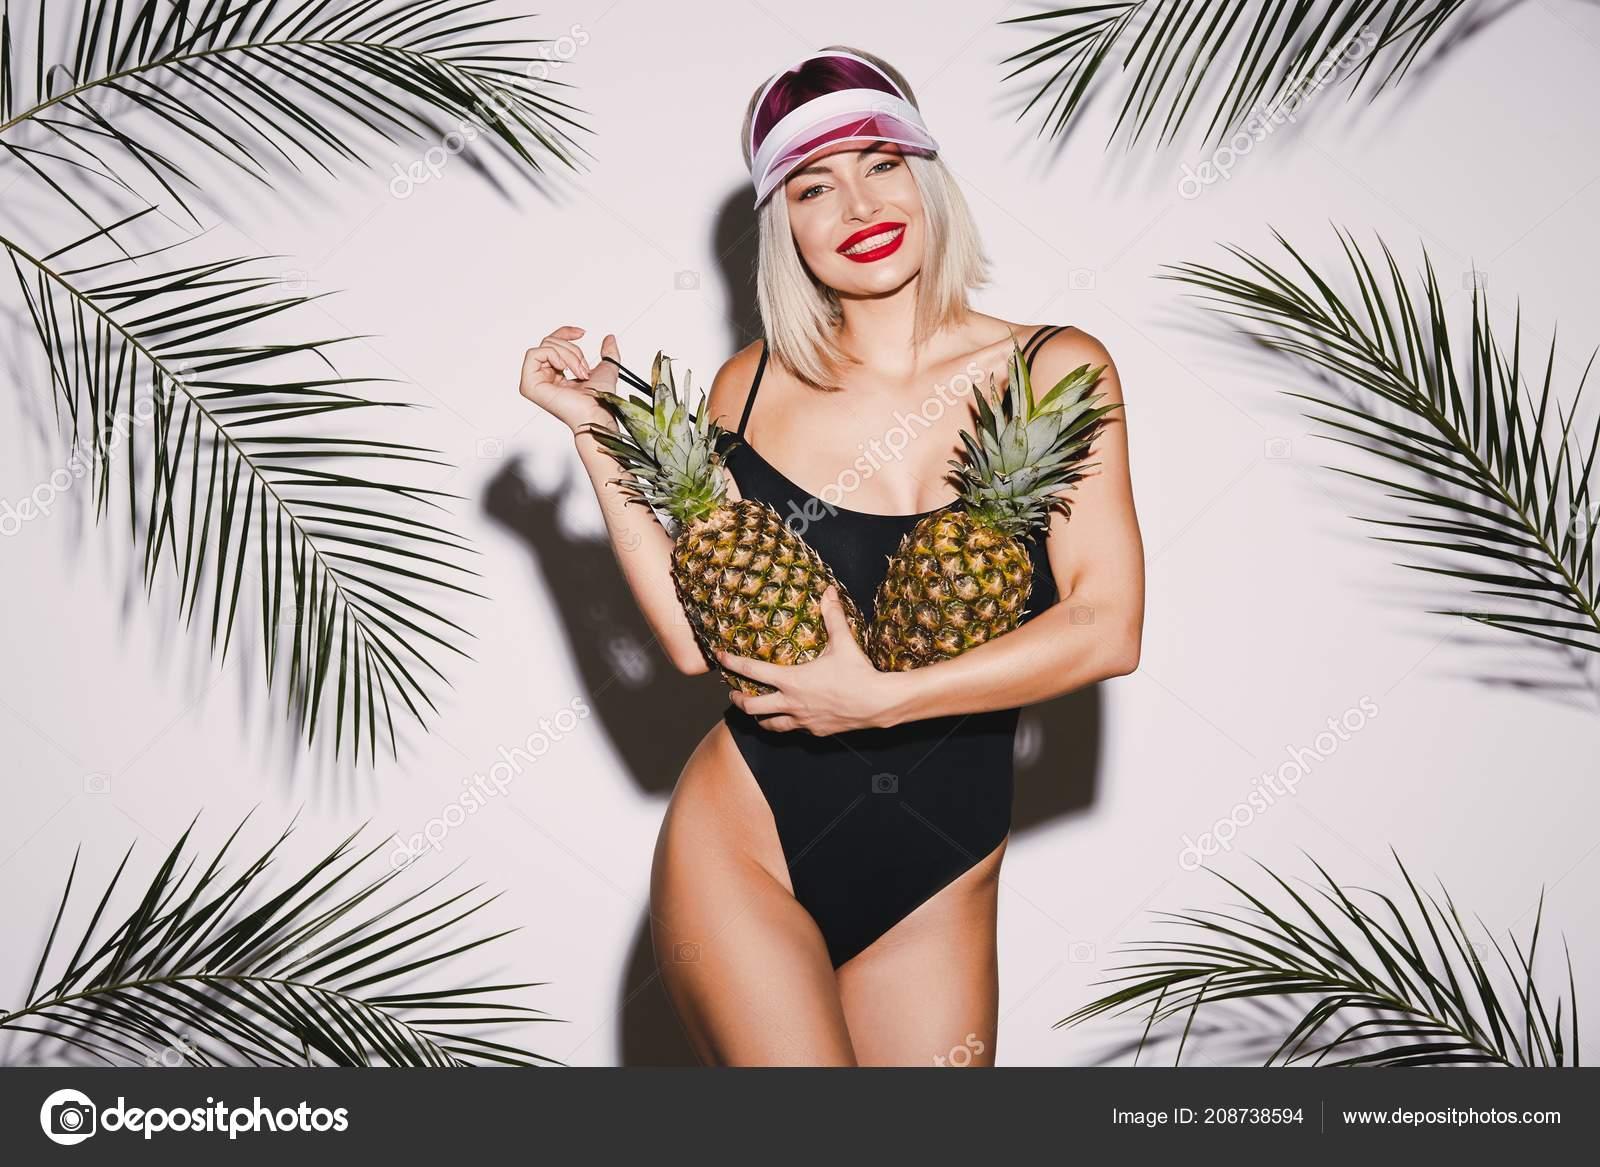 c4d1253aa Linda menina com cabelo loiro vestindo preta de natação terno e cap-de-rosa  em pé de ananás no fundo branco do estúdio com palmas